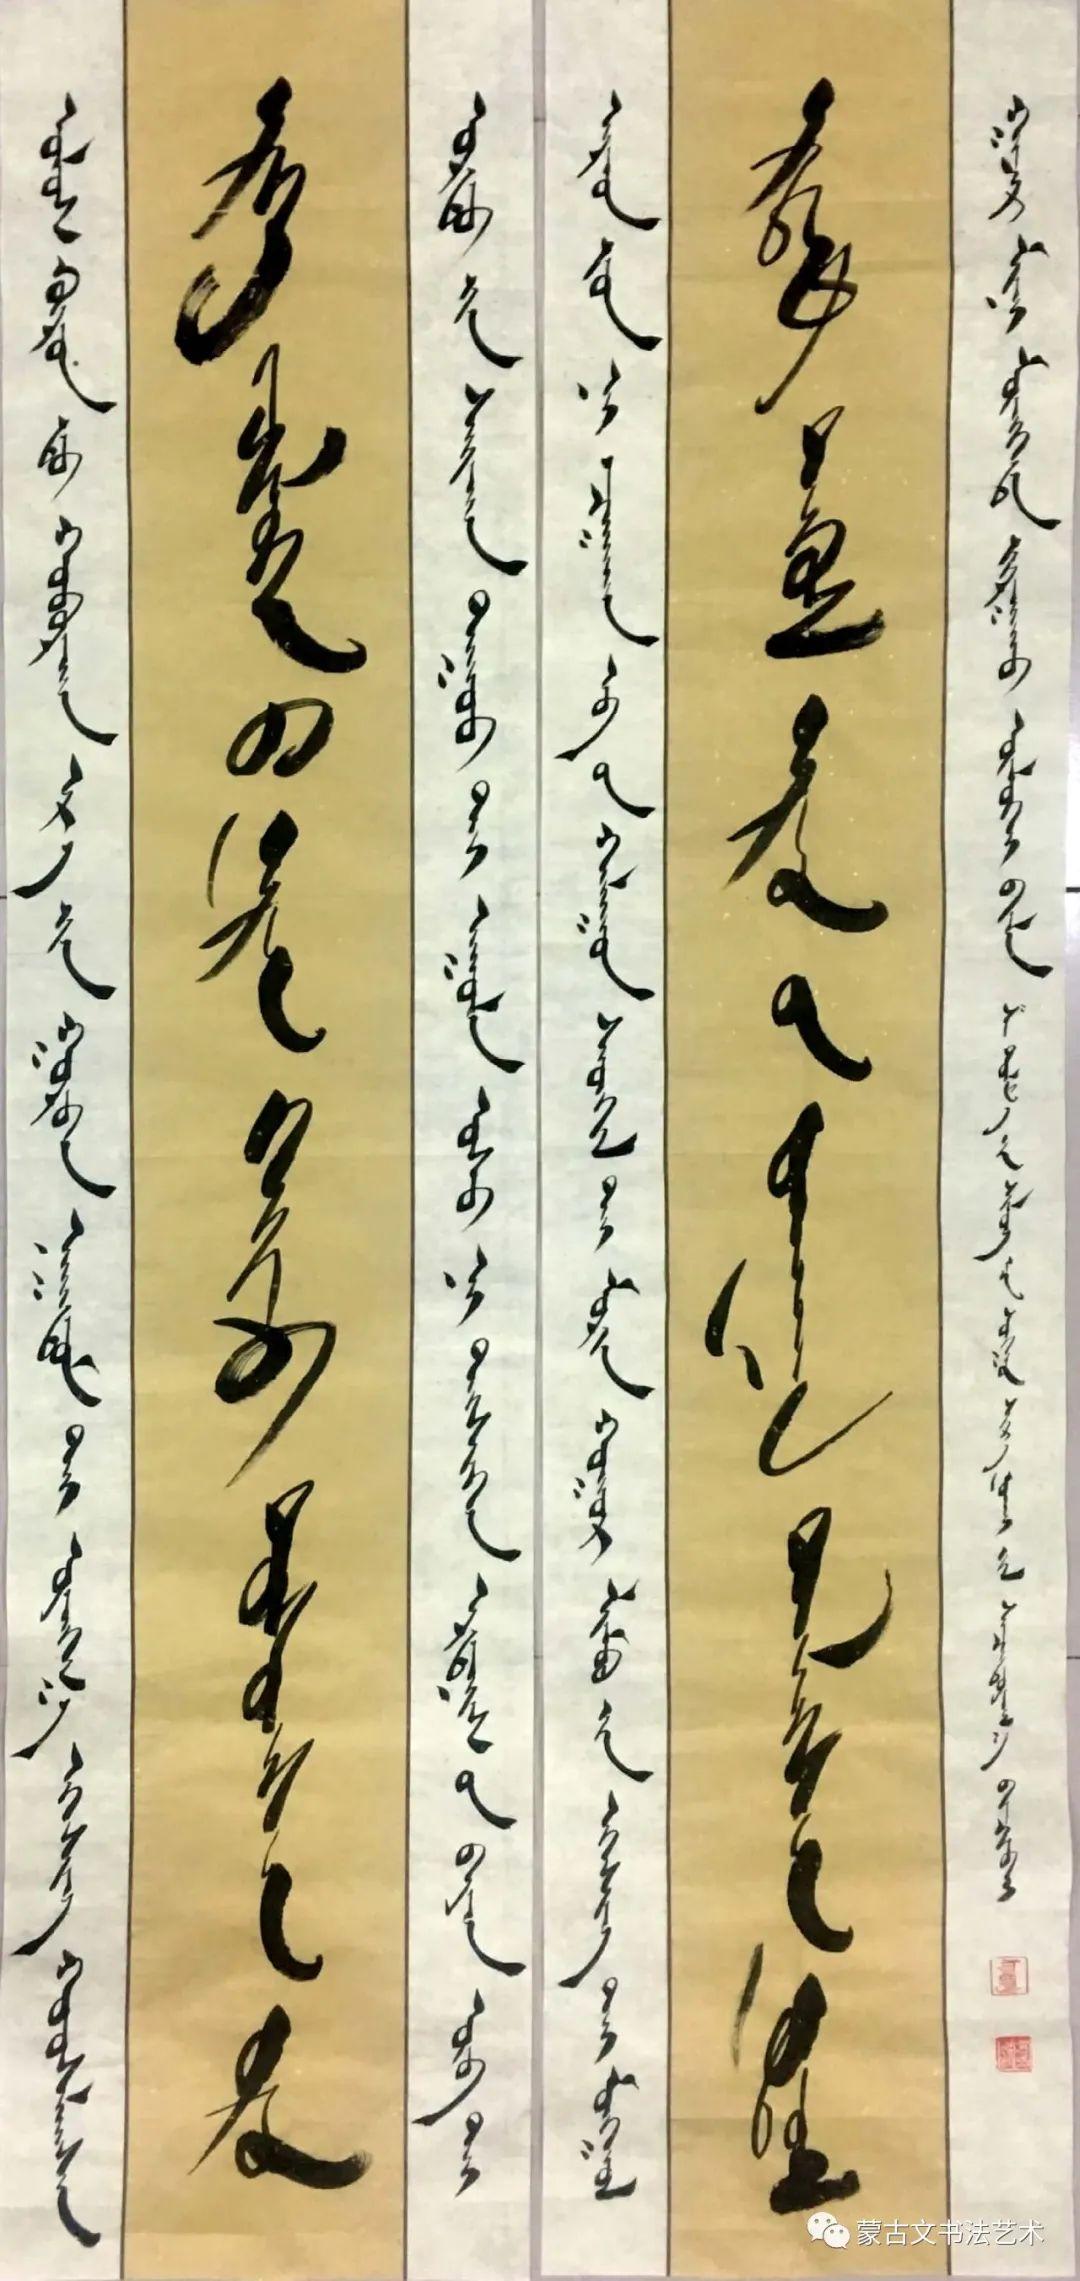 斯琴图雅蒙古文书法作品 第6张